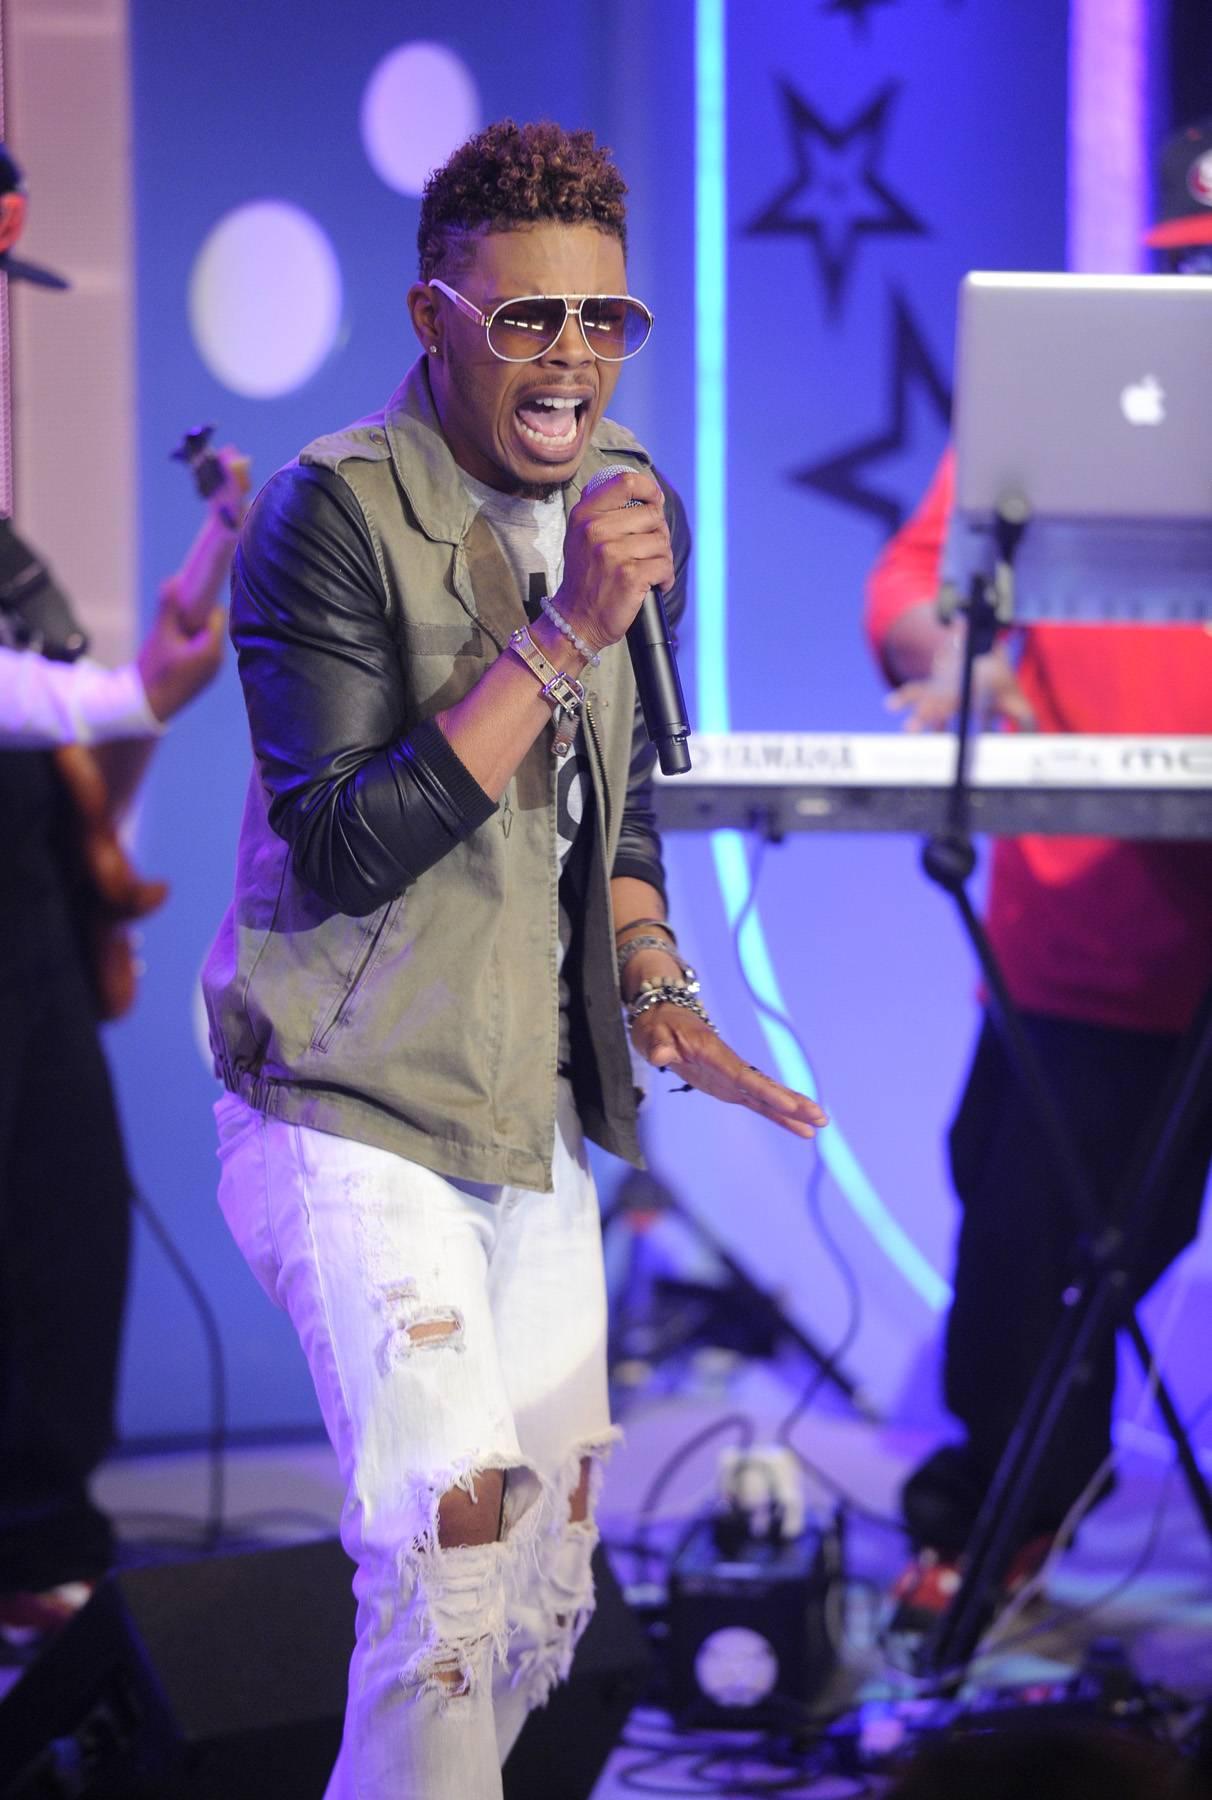 Sing Loud - Eric Mayo at 106 & Park, May 2, 2012.(Photo: John Ricard/BET)